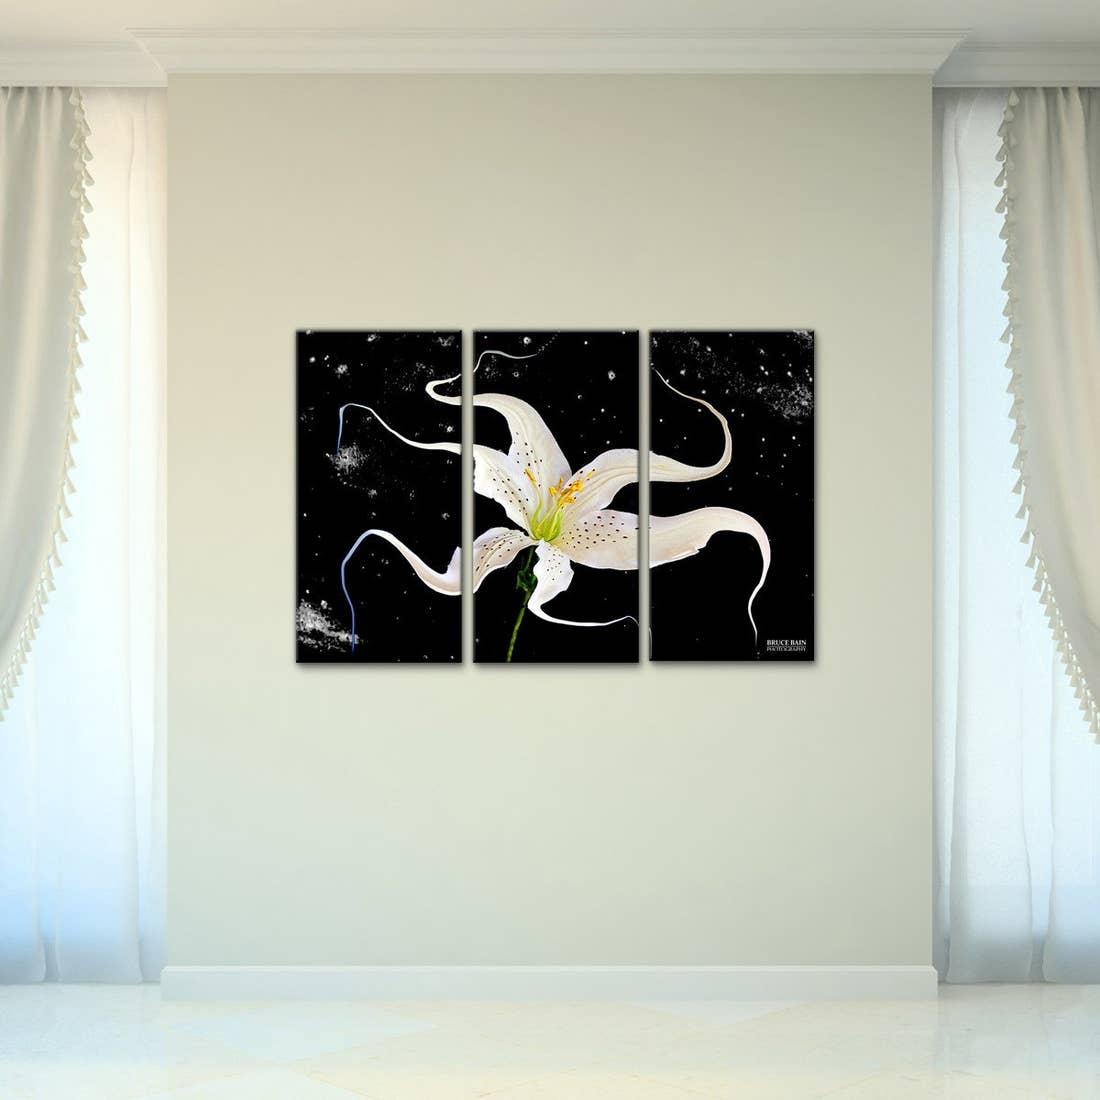 'Bruce Bain 'Celestial Flower' 24x36 inc